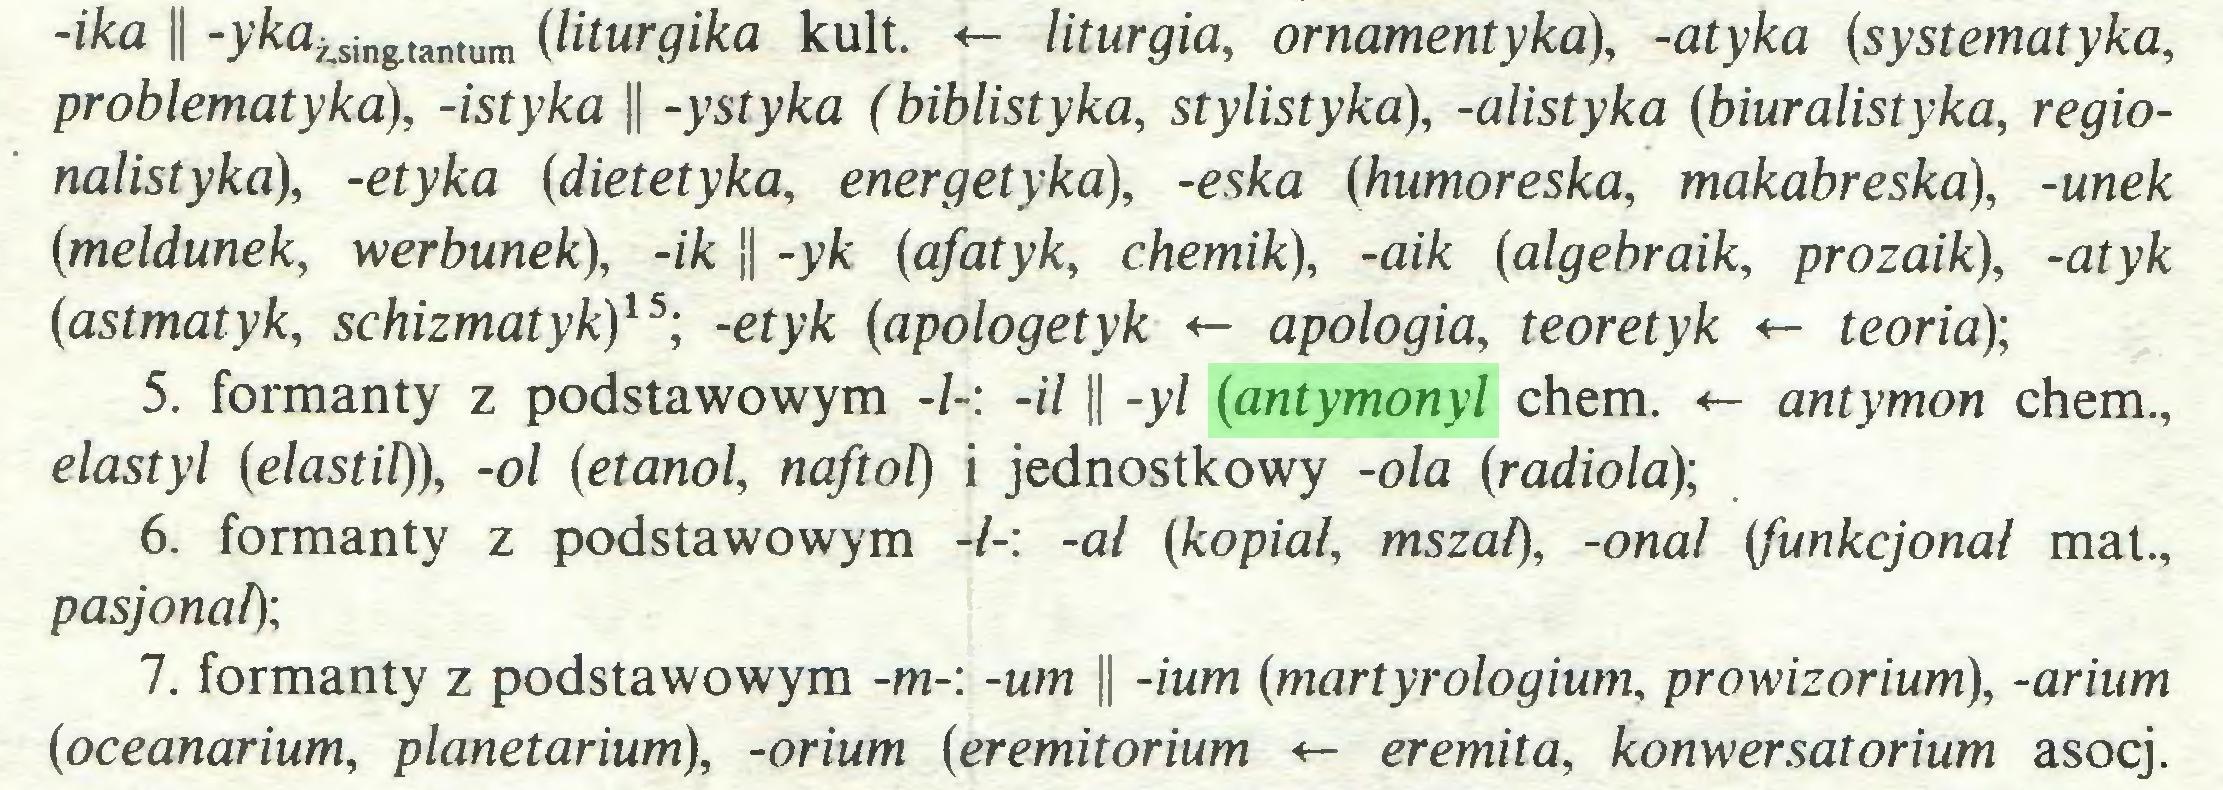 (...) -ika || -yka¿sin&tantum (liturgika kult. «- liturgia, ornamentyka), -atyka (systematyka, problematyka), -istyka || -ystyka (biblistyka, stylistyka), -alistyka {biuralistyka, regionalistyka), -etyka (dietetyka, energetyka), -eska (humoreska, makabreska), -unek {meldunek, werbunek), -ik || -yk (afatyk, chemik), -aik (algebraik, prozaik), -atyk {astmatyk, schizmatyk)15; -etyk {apologetyk apología, teoretyk <- teoria); 5. formanty z podstawowym -/-: -il || -yl {antymonyl chem. <- antymon chem., elastyl {elastil)), -ol {etanol, naftol) i jednostkowy -ola {radiola); 6. formanty z podstawowym -1-: -al {kopiał, mszał), -onal {funkcjonał mat., pasjonat); 7. formanty z podstawowym -m-: -um || -ium {martyrologium, prowizorium), -arium {oceanarium, planetarium), -orium {eremitorium *- eremita, konwersatorium asocj...